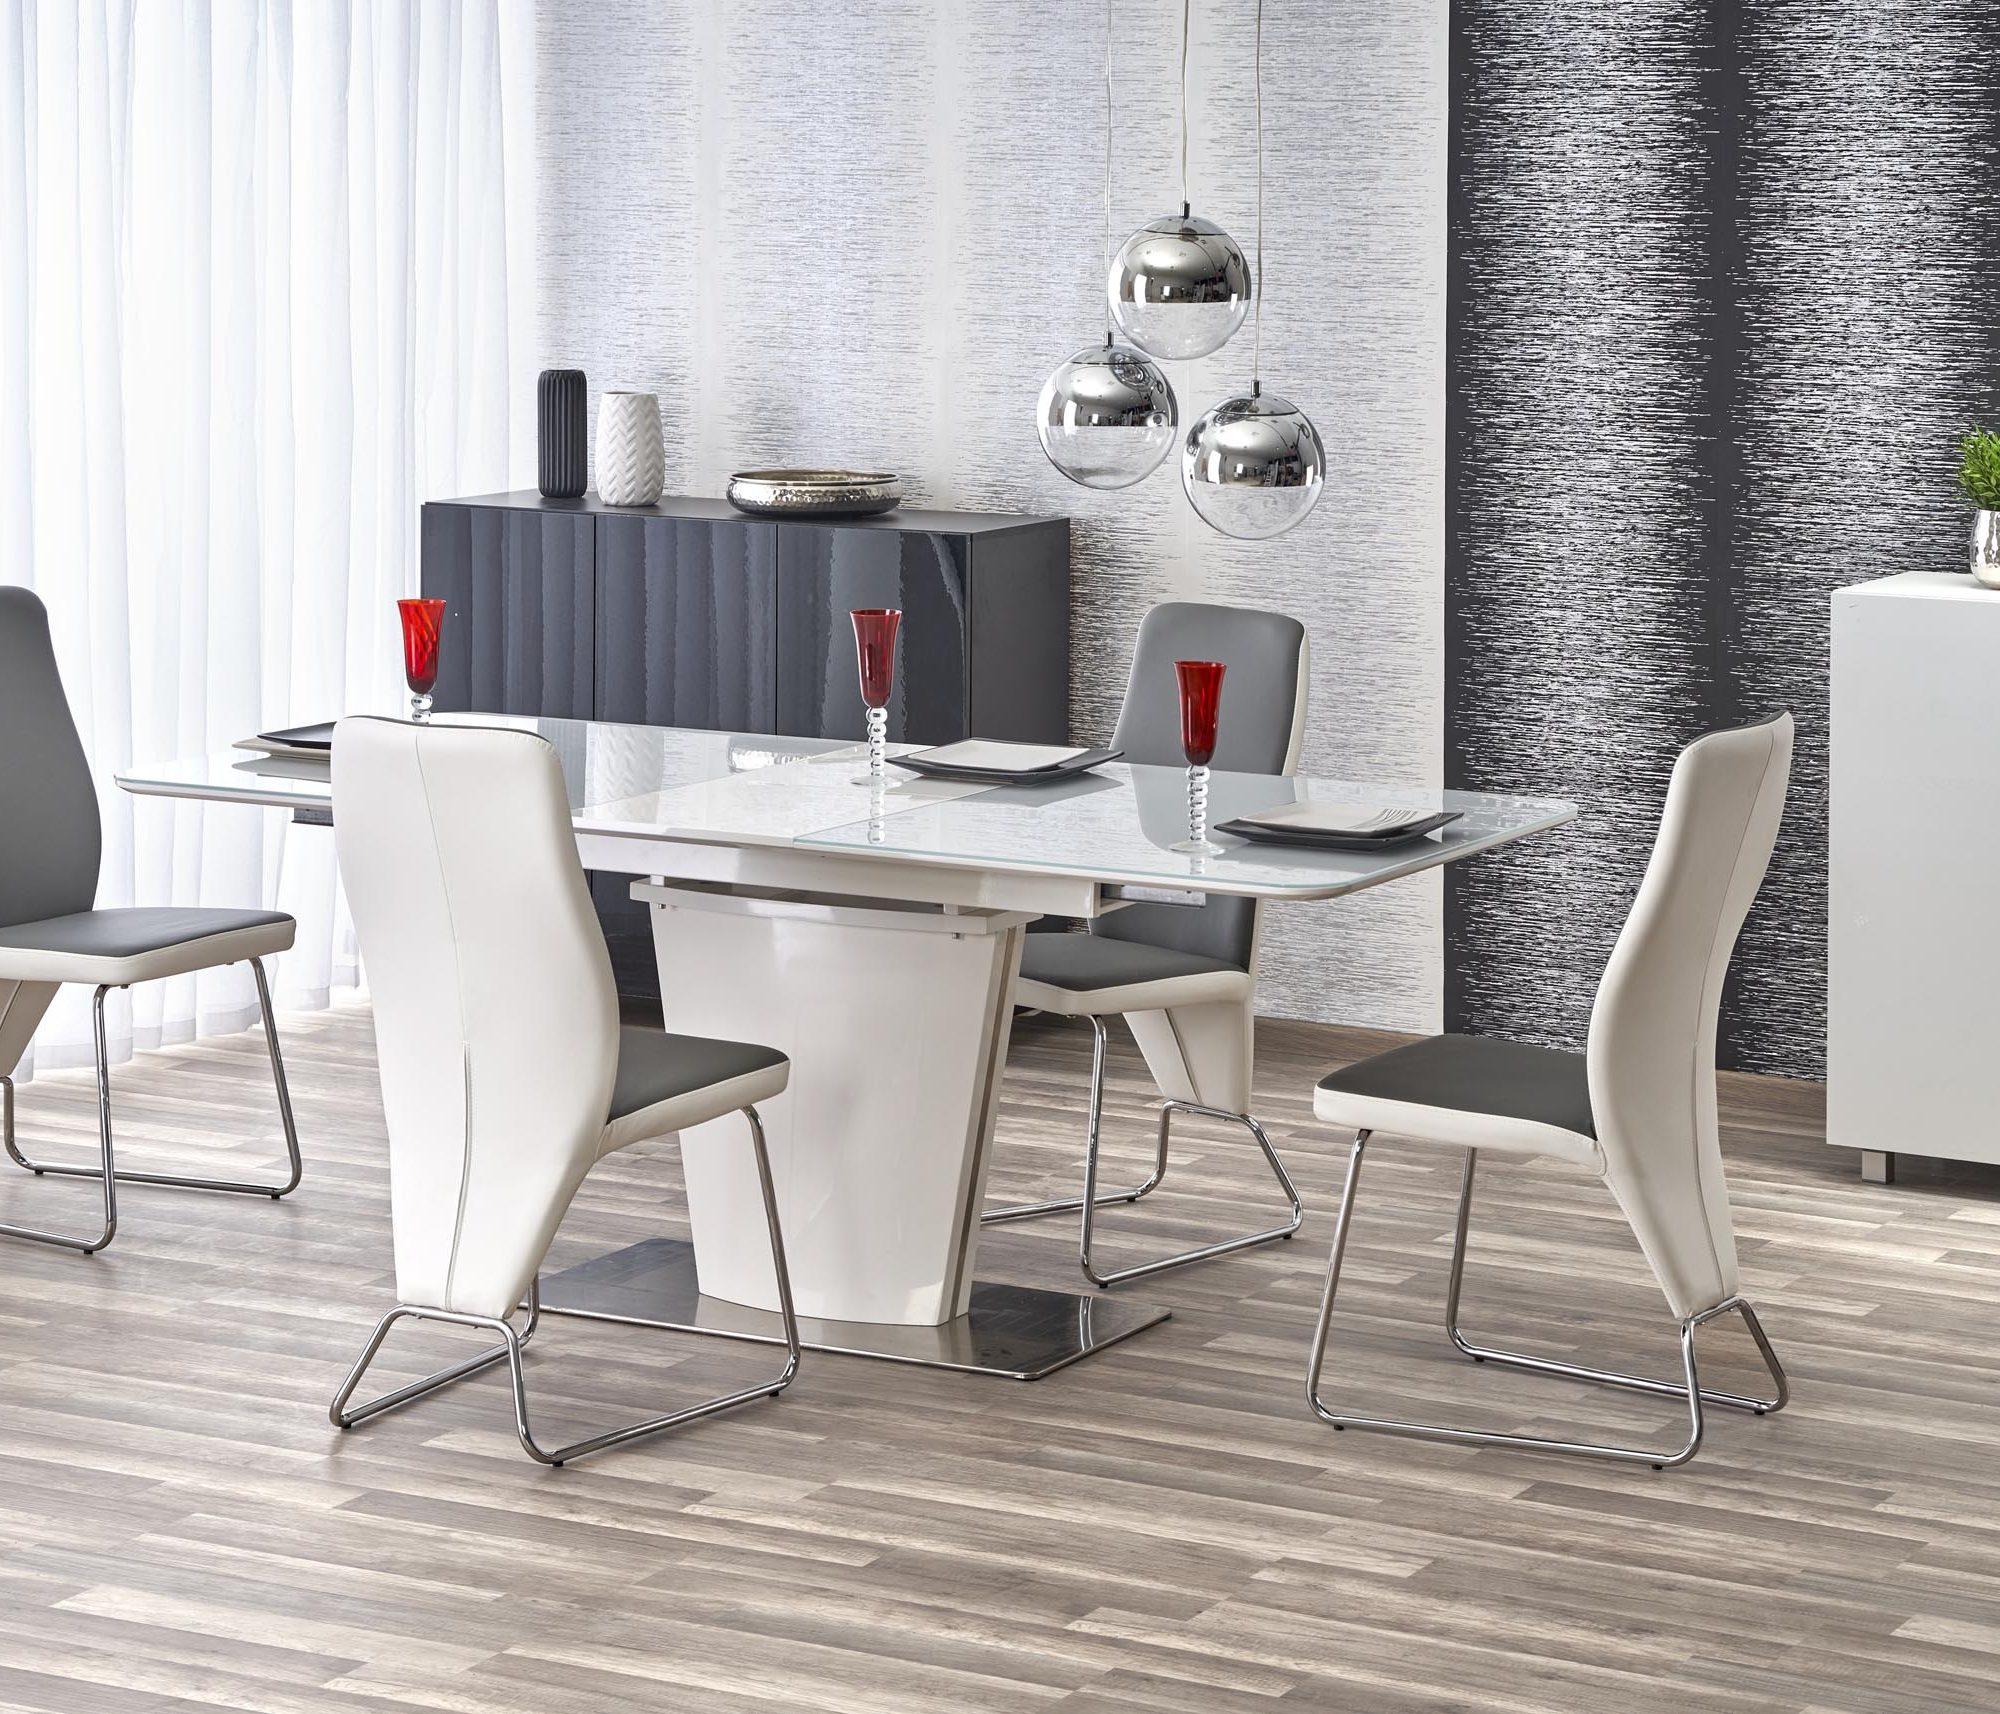 Jedálenský stôl - Halmar - Platon (pre 6 až 8 osôb). Doprava ZDARMA. Sme autorizovaný predajca Halmar. Vlastná spoľahlivá doprava až k Vám domov.